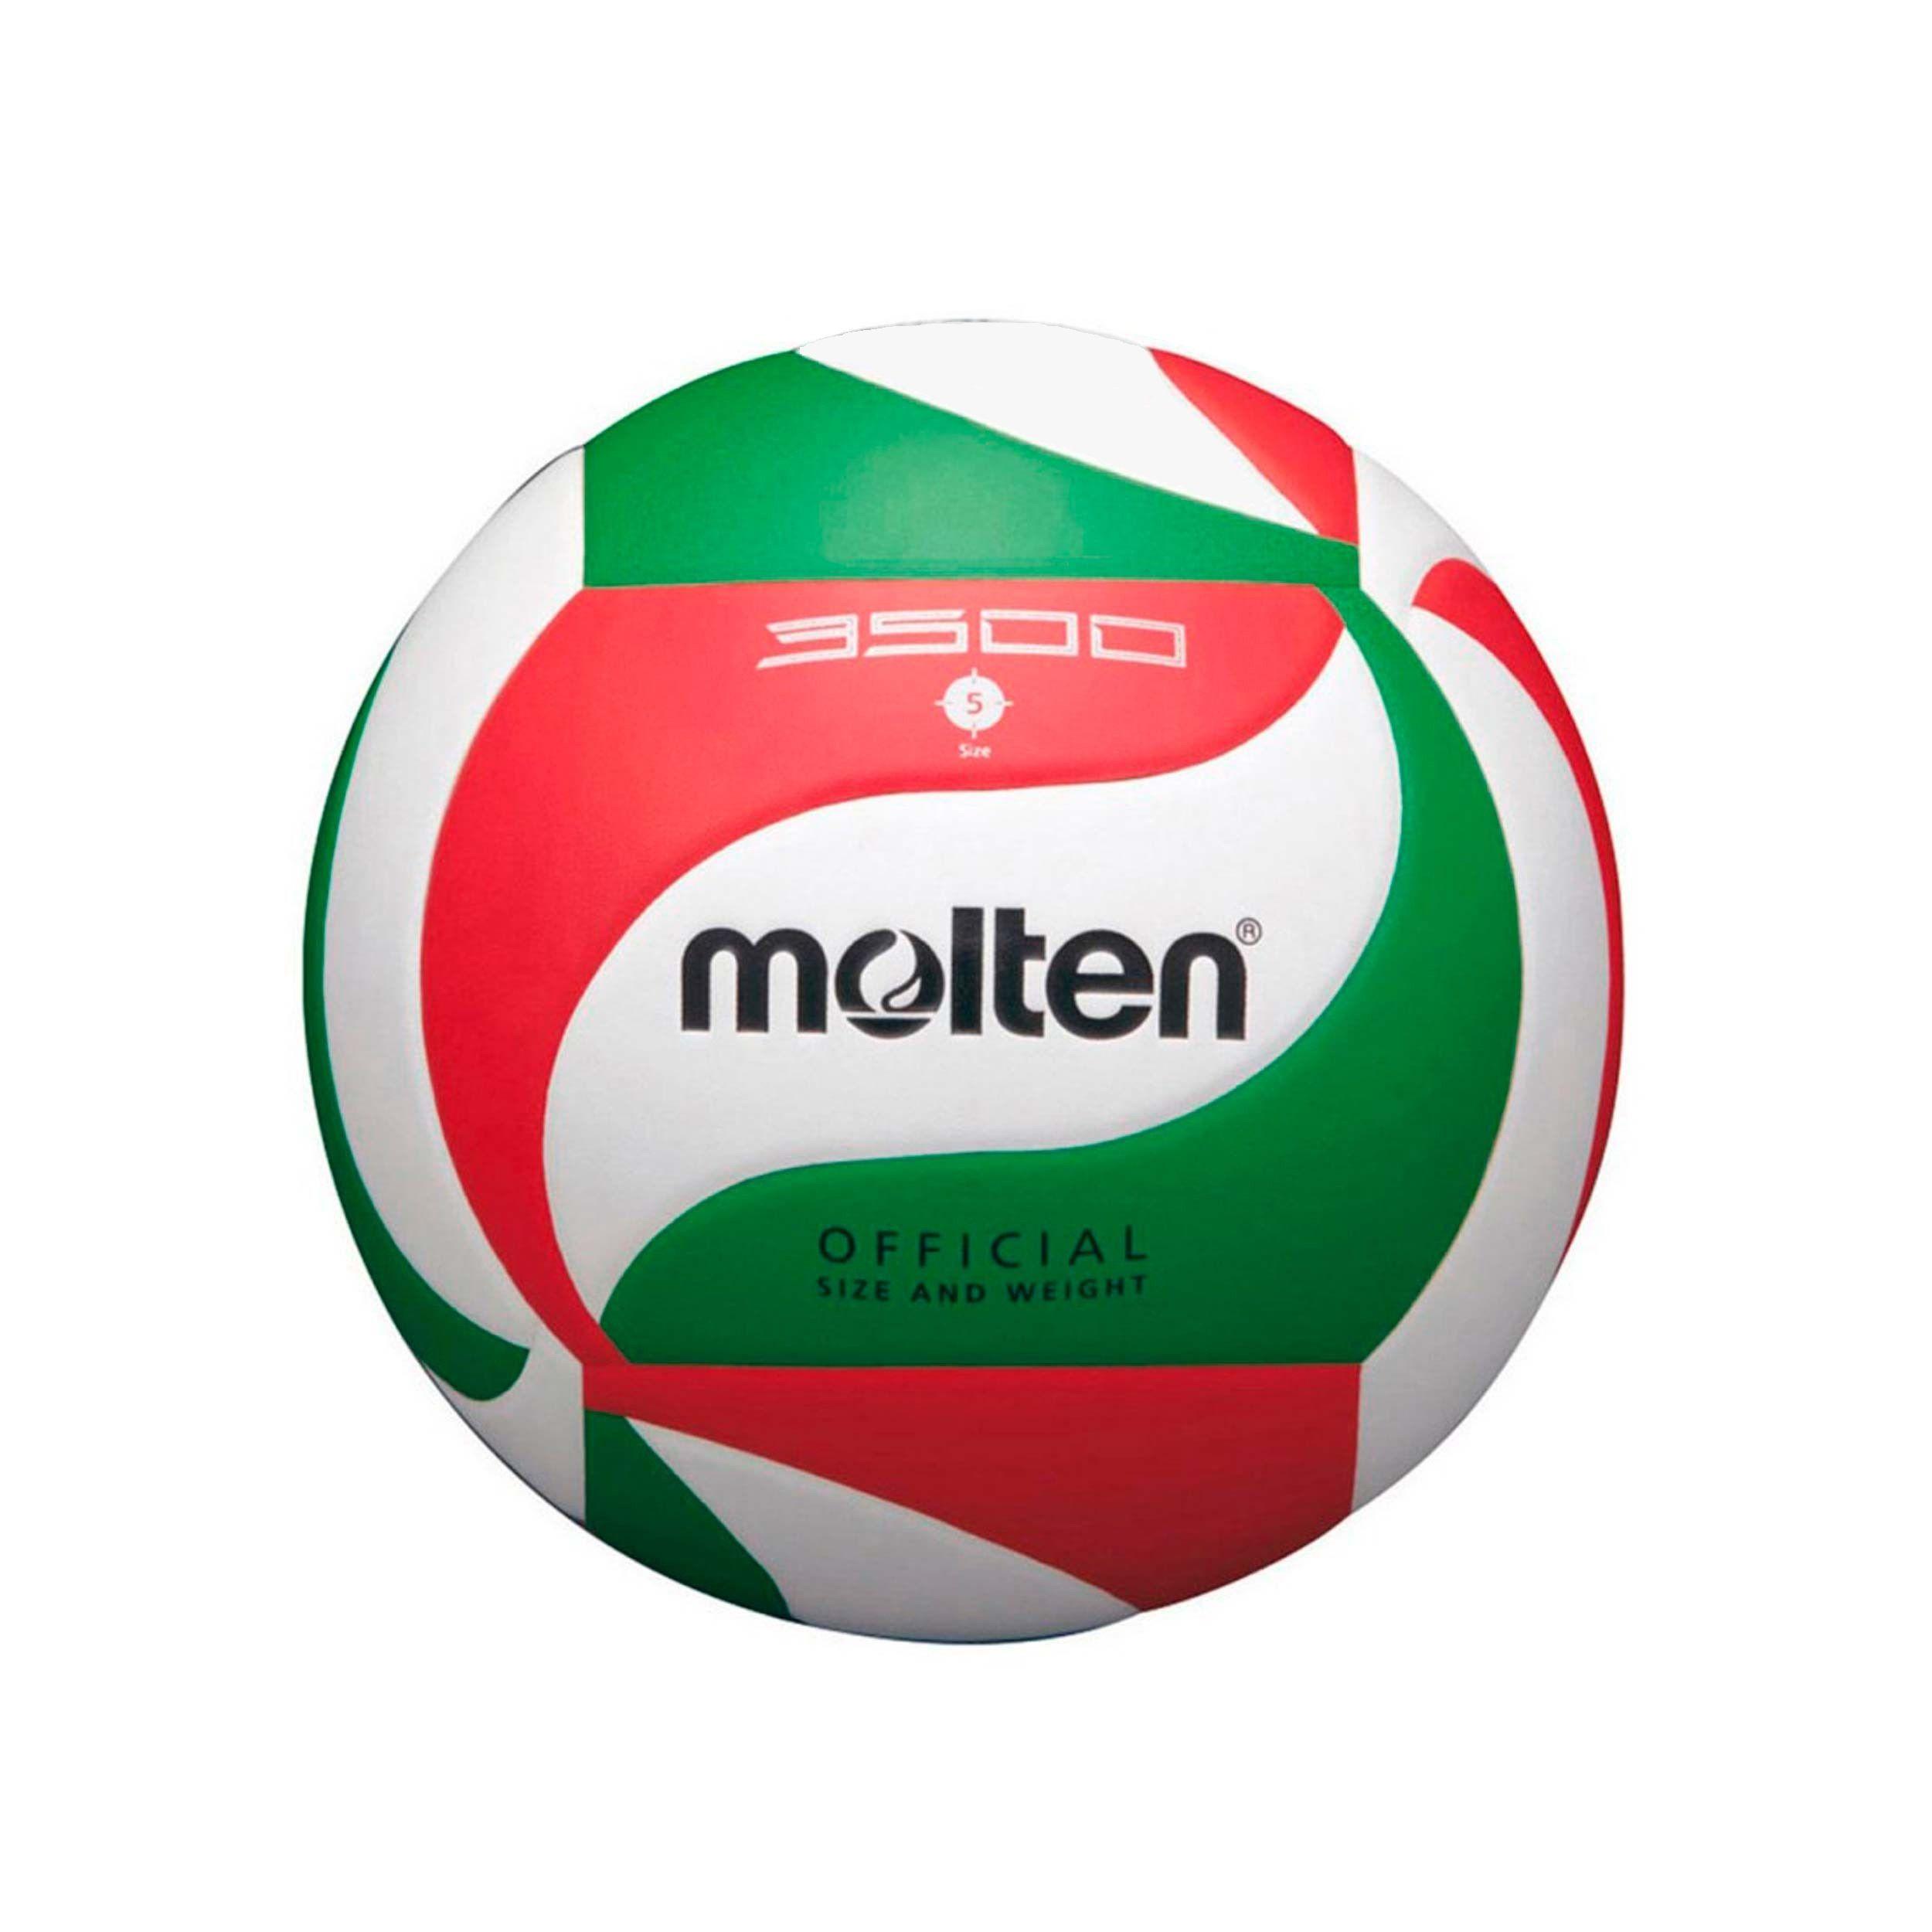 Balon De Volleyball 5 V5m 3500 Marca Molten Voleibol Balones Balones Molten